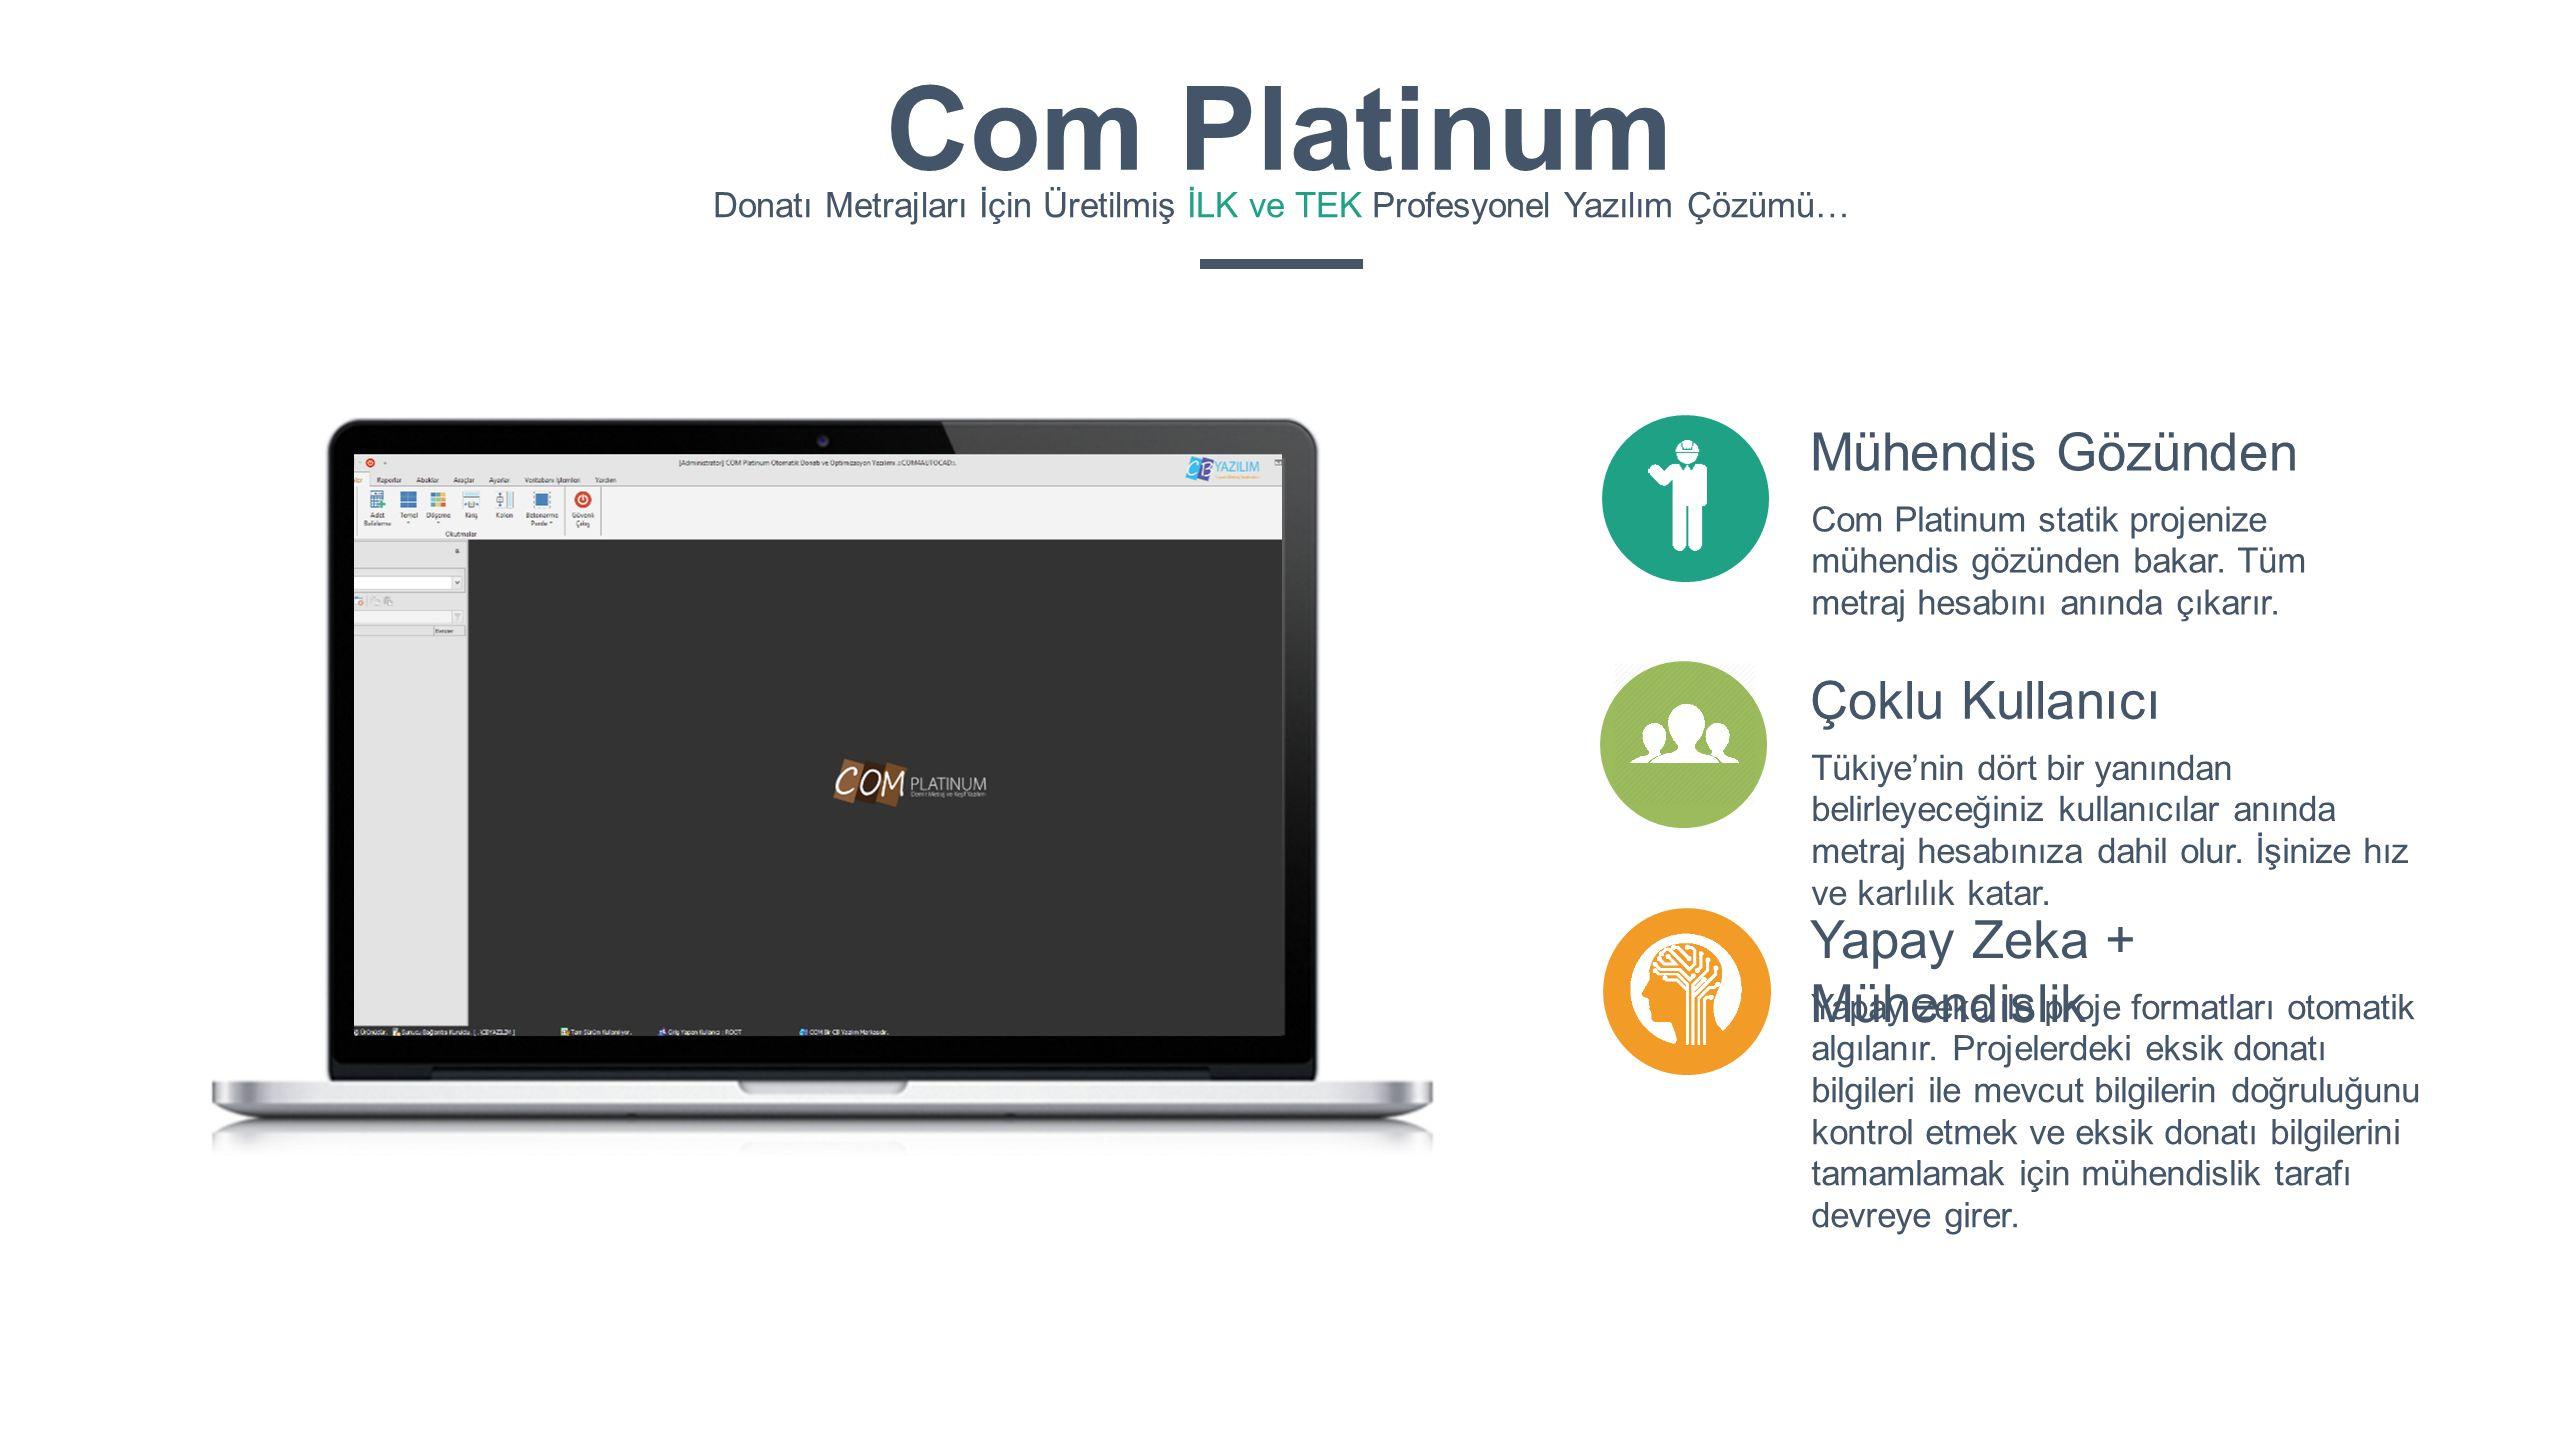 Mühendis Gözünden Com Platinum statik projenize mühendis gözünden bakar. Tüm metraj hesabını anında çıkarır. Çoklu Kullanıcı Tükiye'nin dört bir yanın